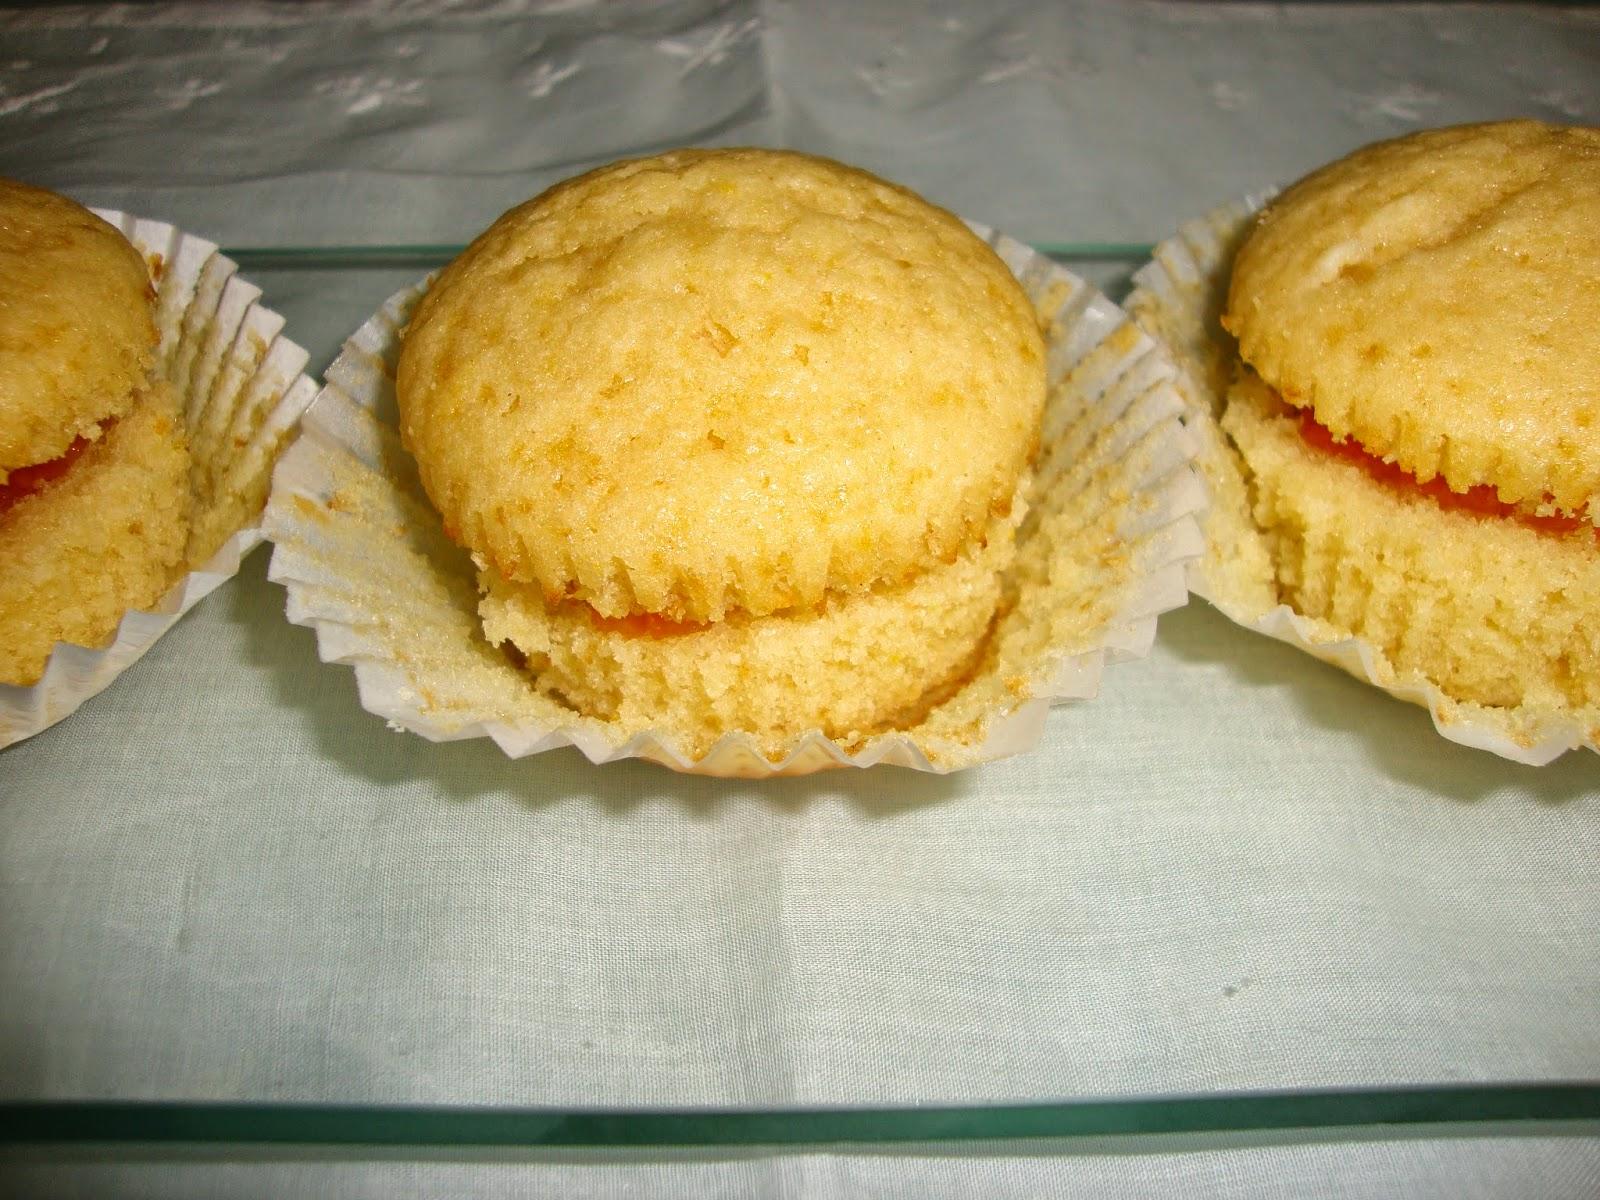 Cupcakes de naranja rellenos de mermelada